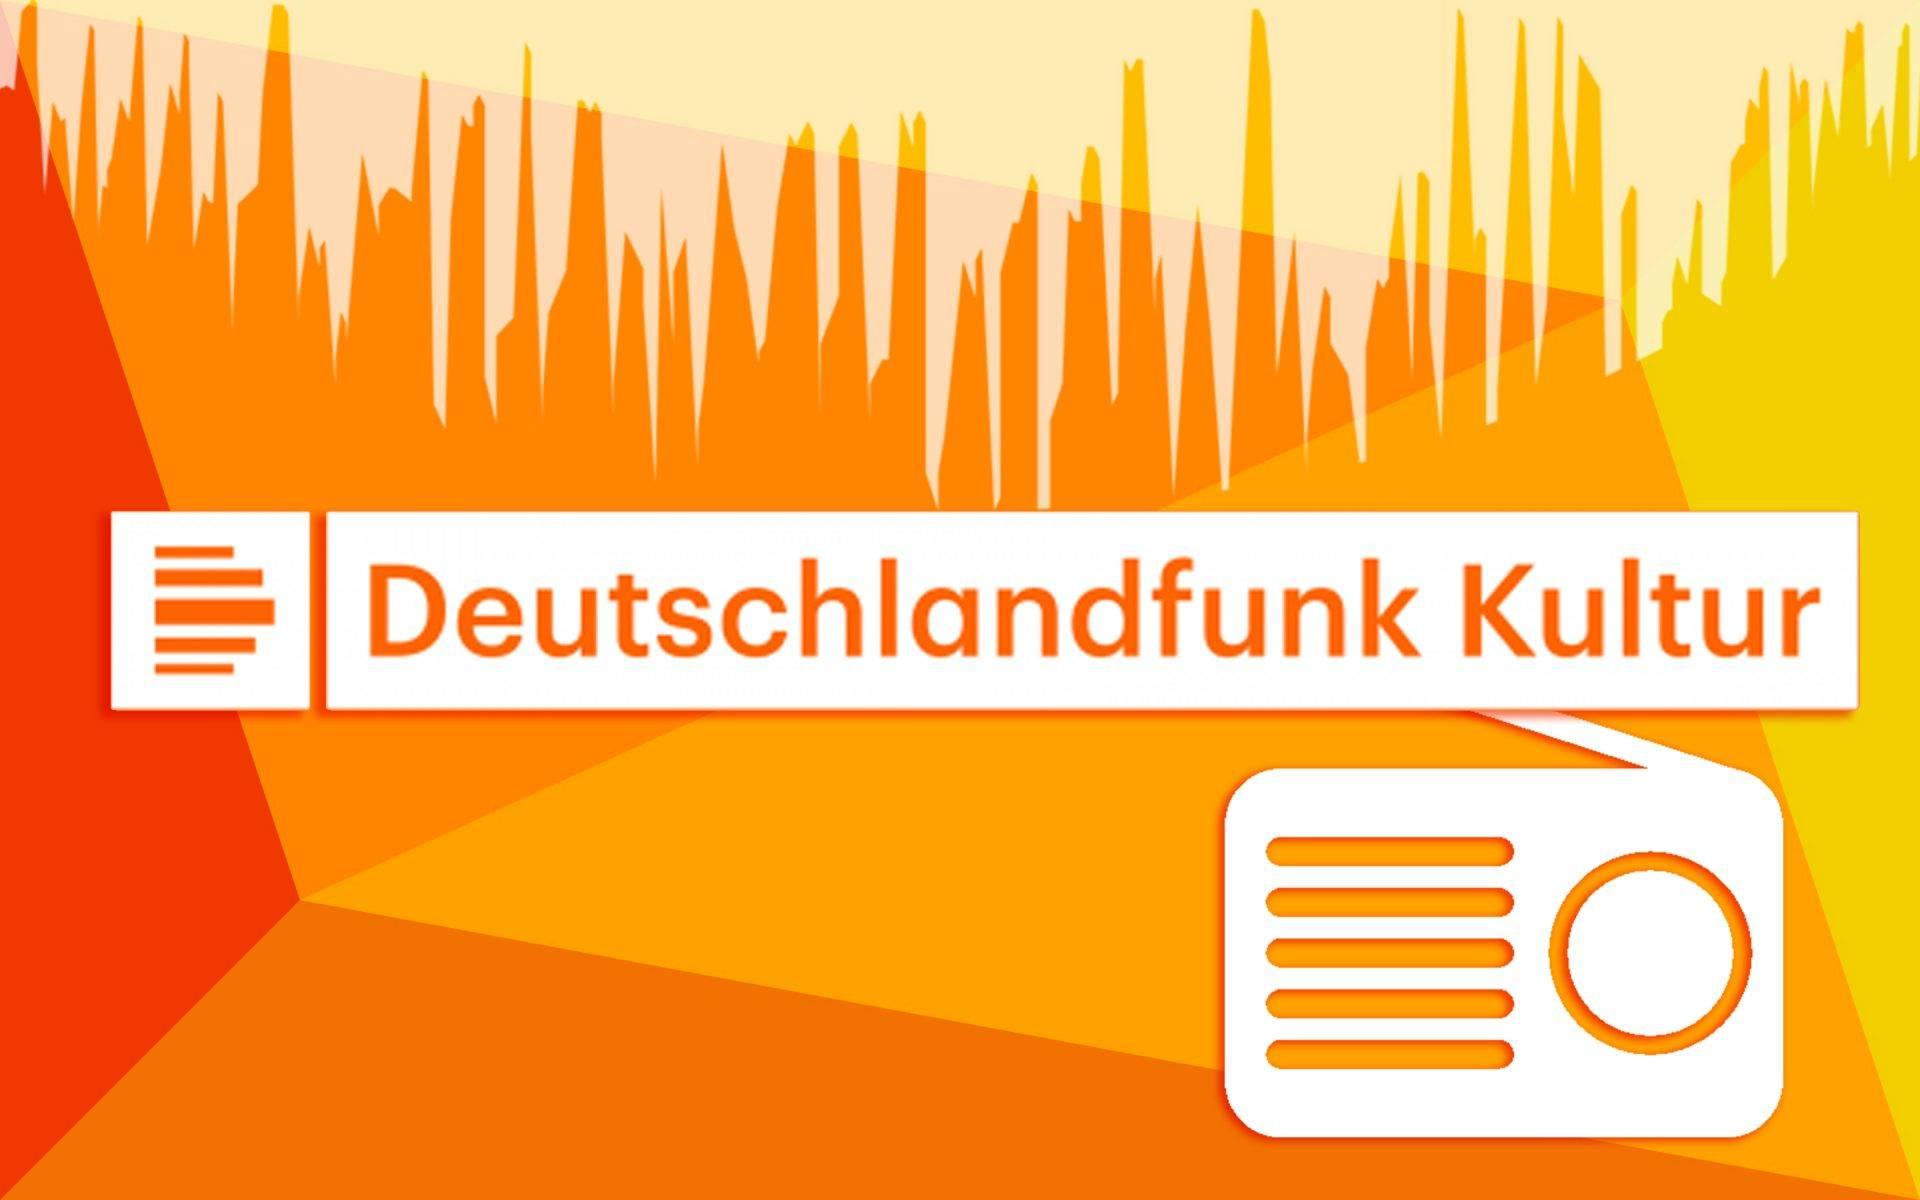 Deutschlandfunk Kultur